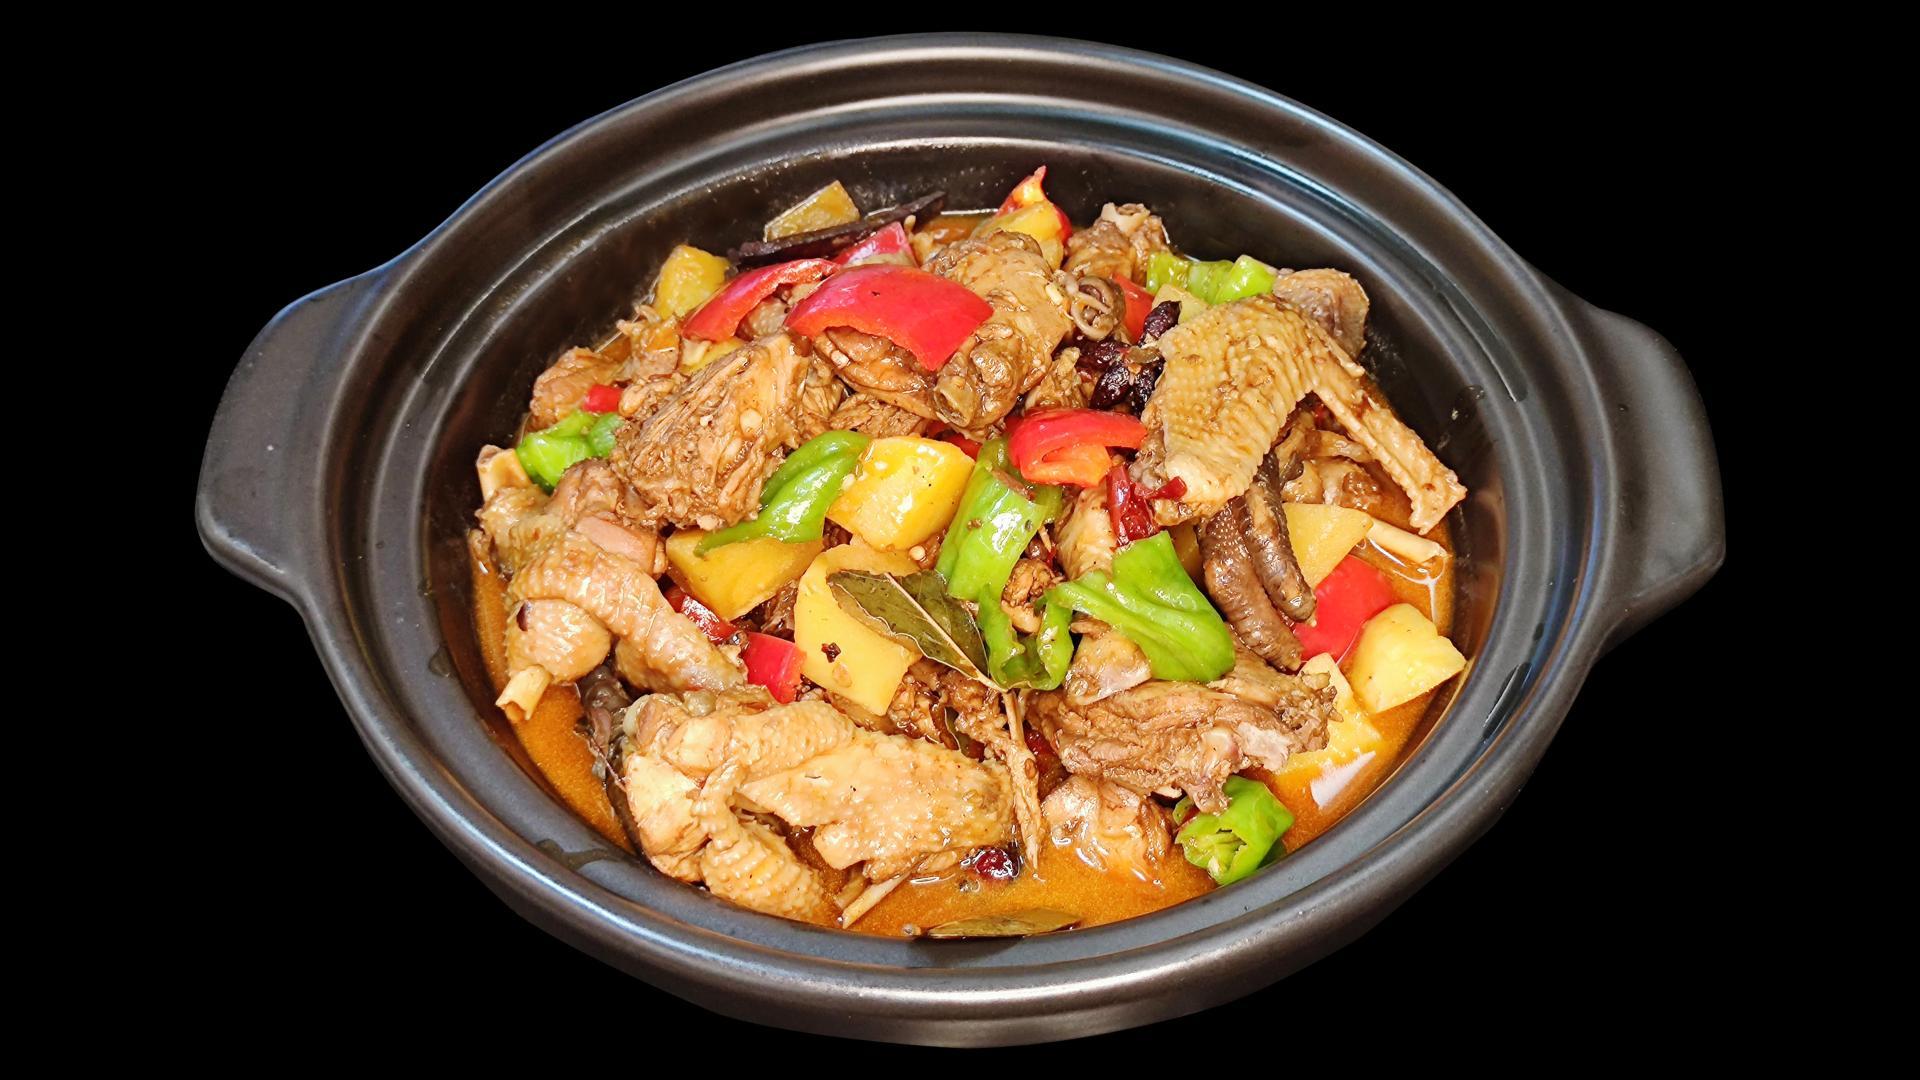 今晚吃鸡,大盘鸡的香料包配方,20年一级大厨教你烧鸡的全部秘诀